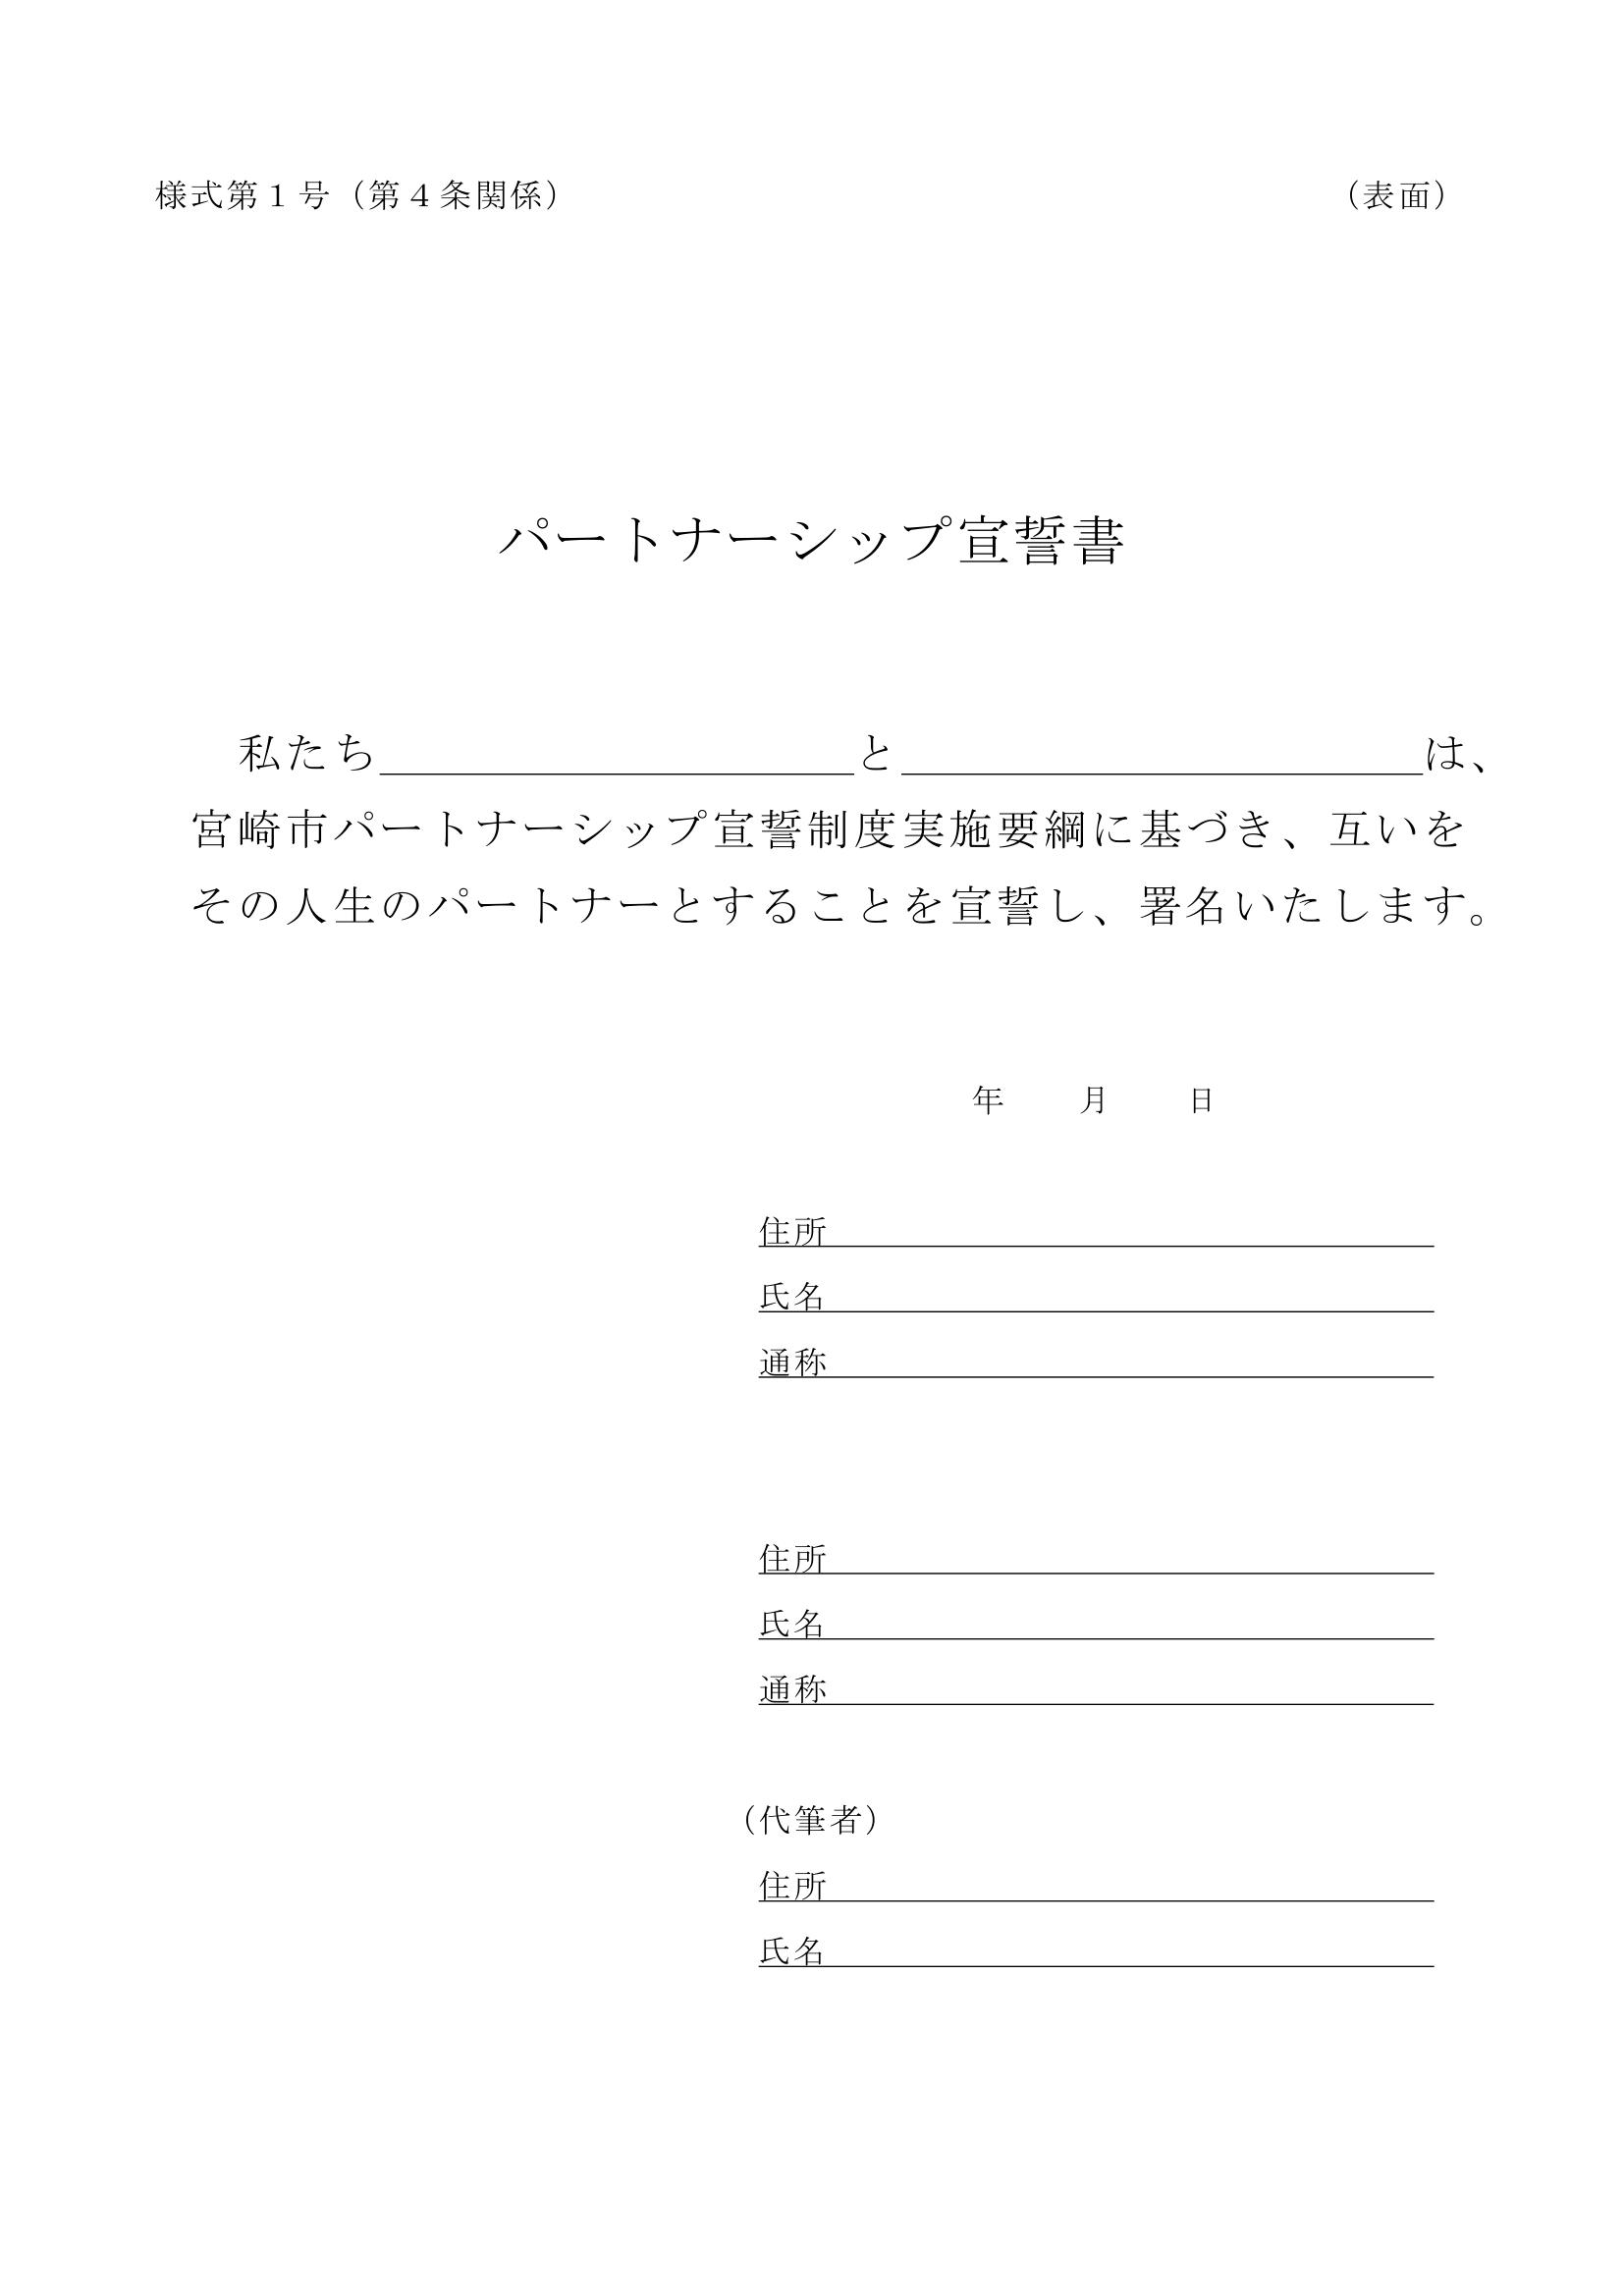 パートナーシップ制度 宮崎市